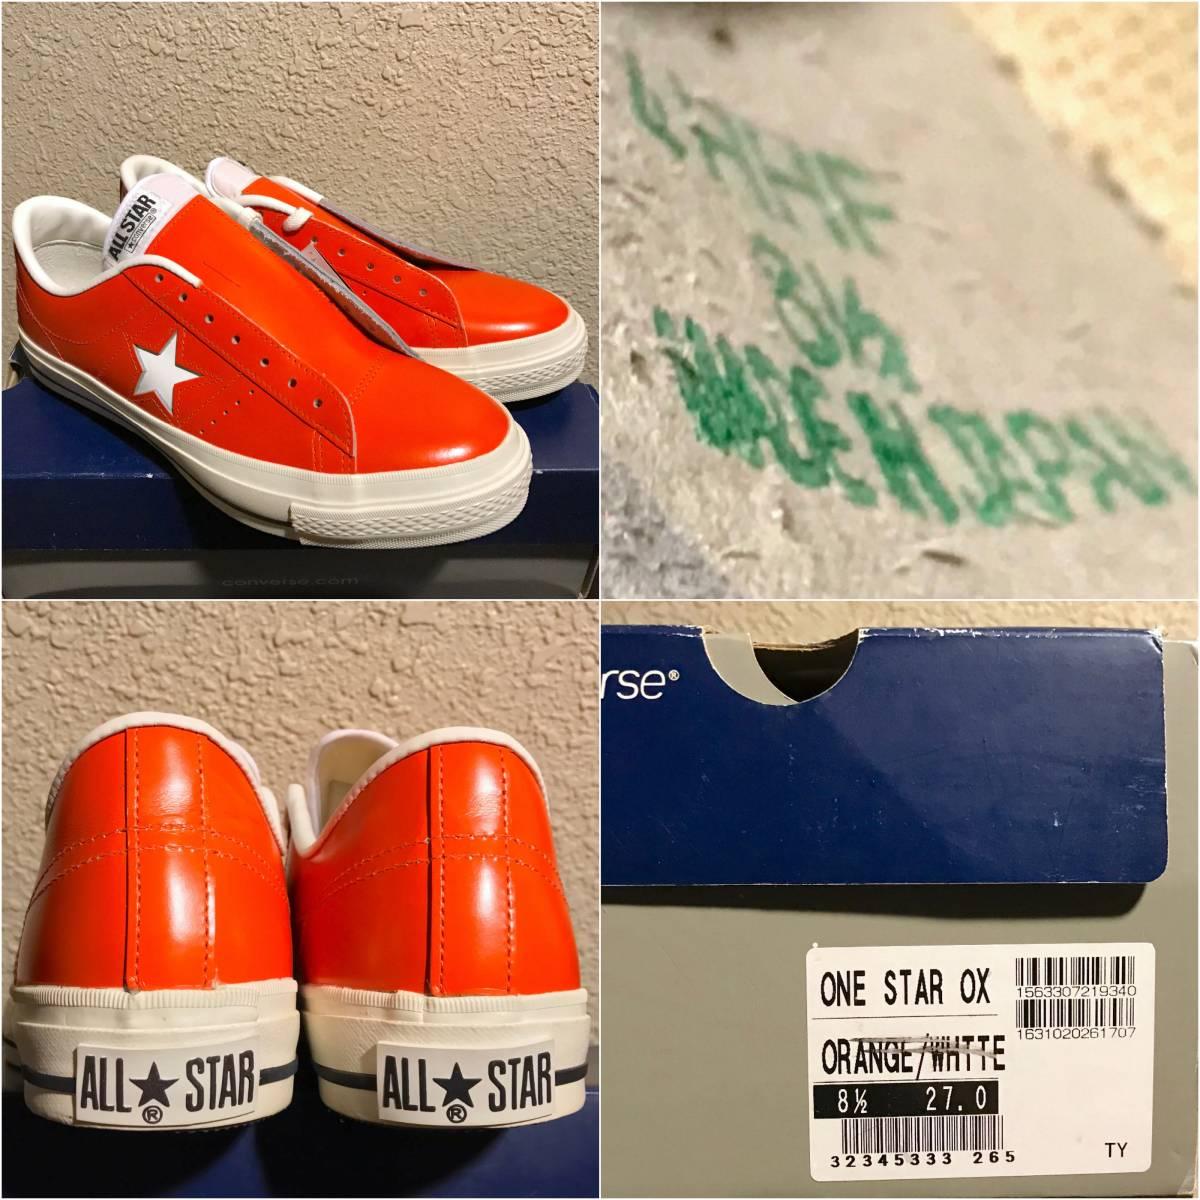 デッドストック 日本製 CONVERSE ONE STAR OX ORANGE/WHITE 27cm US8.5 新品 オレンジ×ホワイト 限定 ONESTAR ワンスター MADE IN JAPAN_画像2